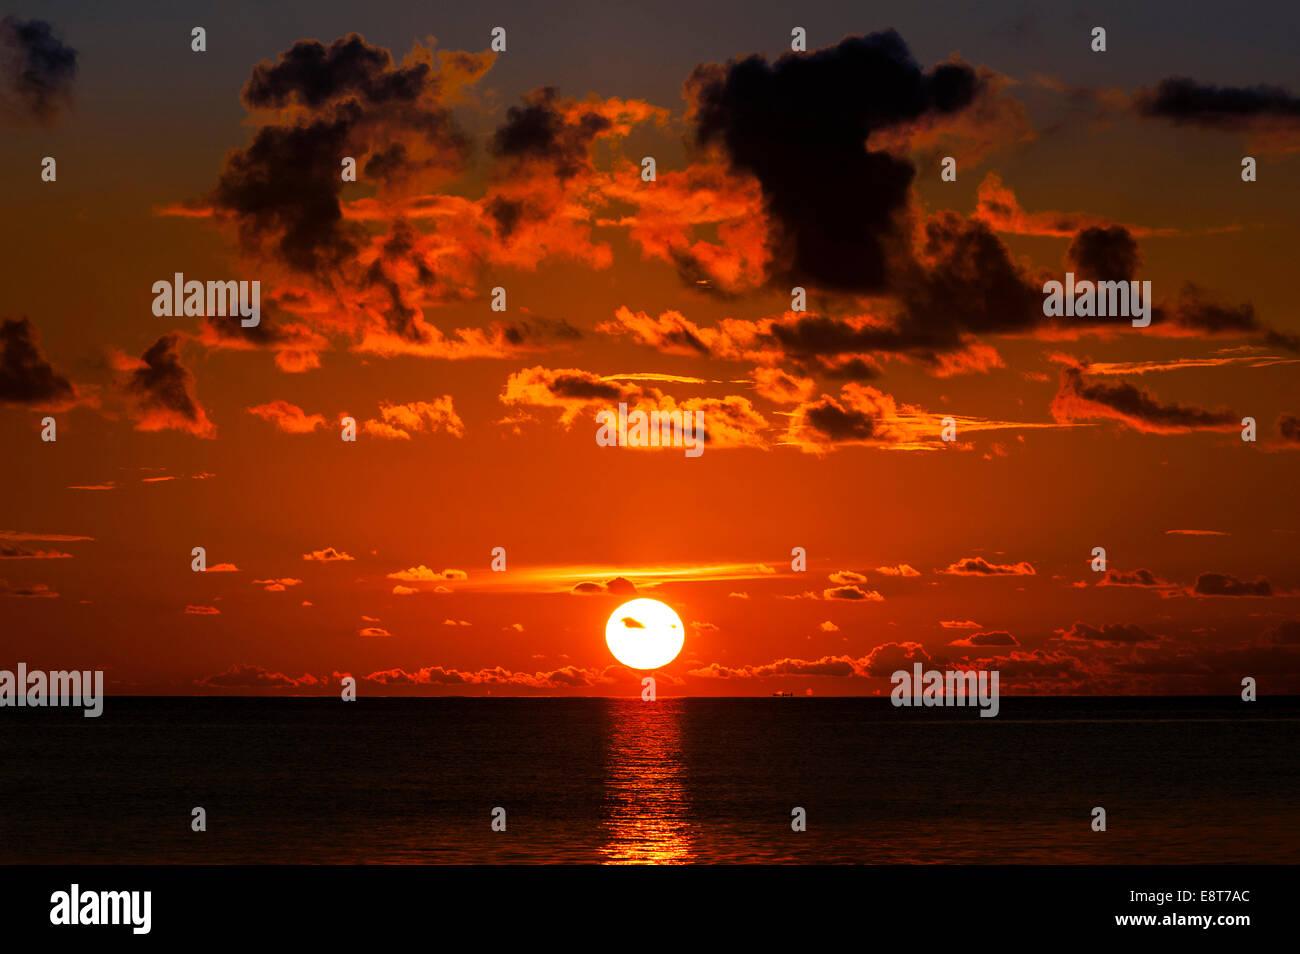 Sunset, Sulawesi, Indonesia - Stock Image